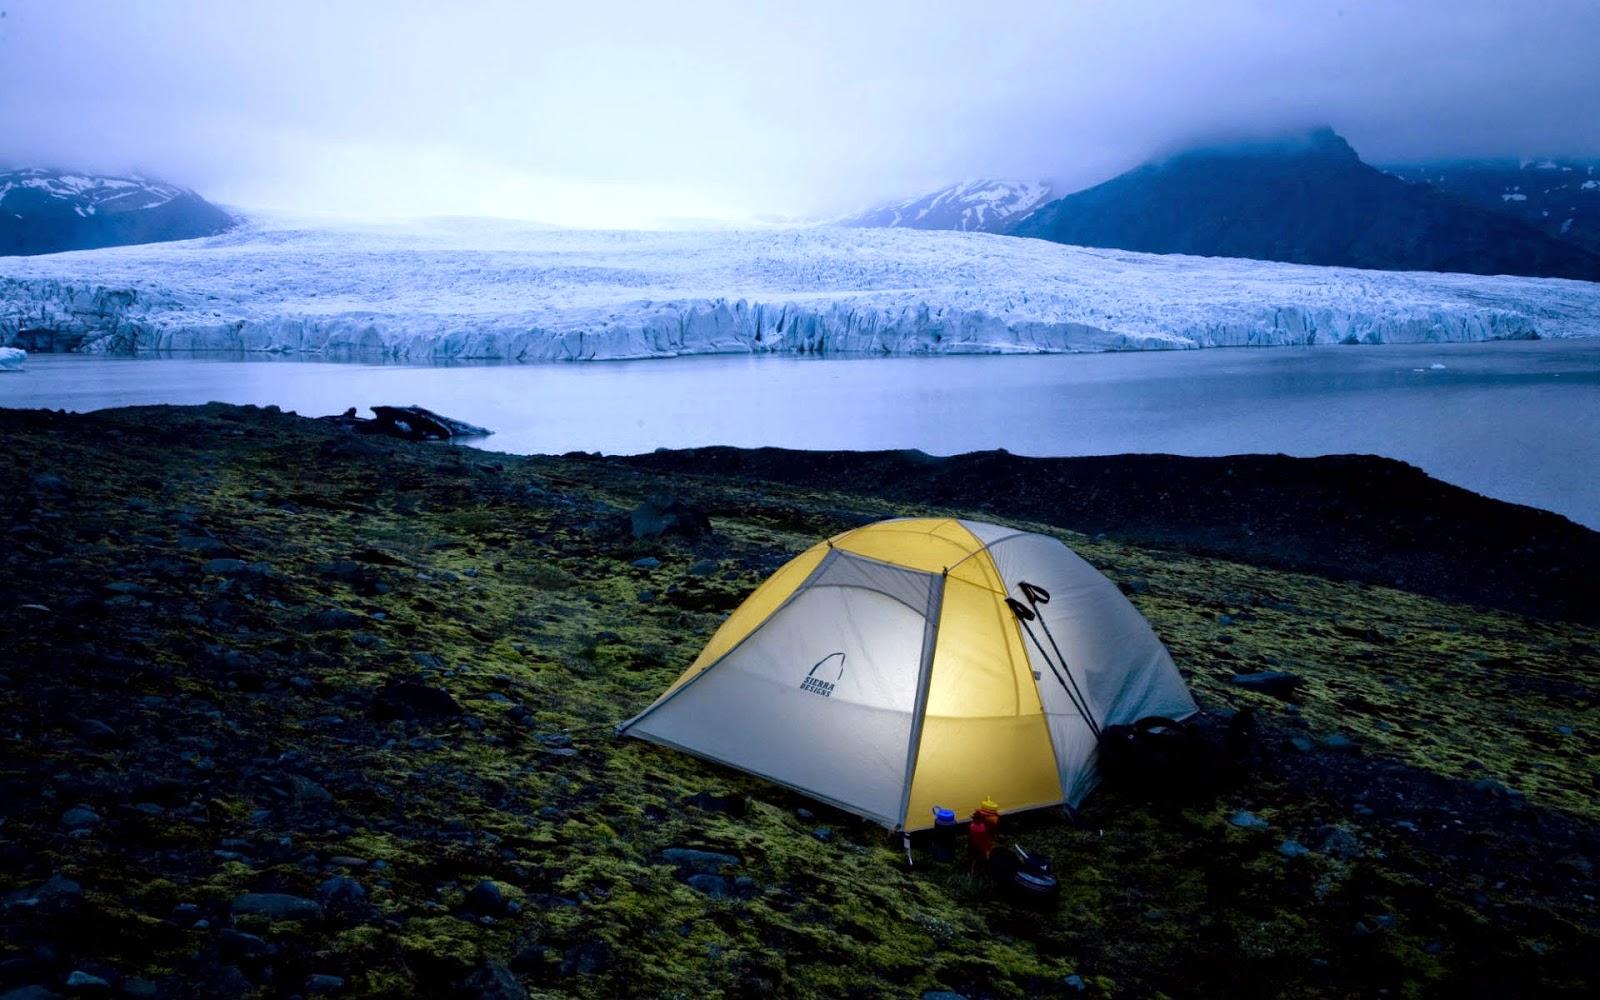 islandia 24 - noticias y viajes a islandia -: camping en islandia